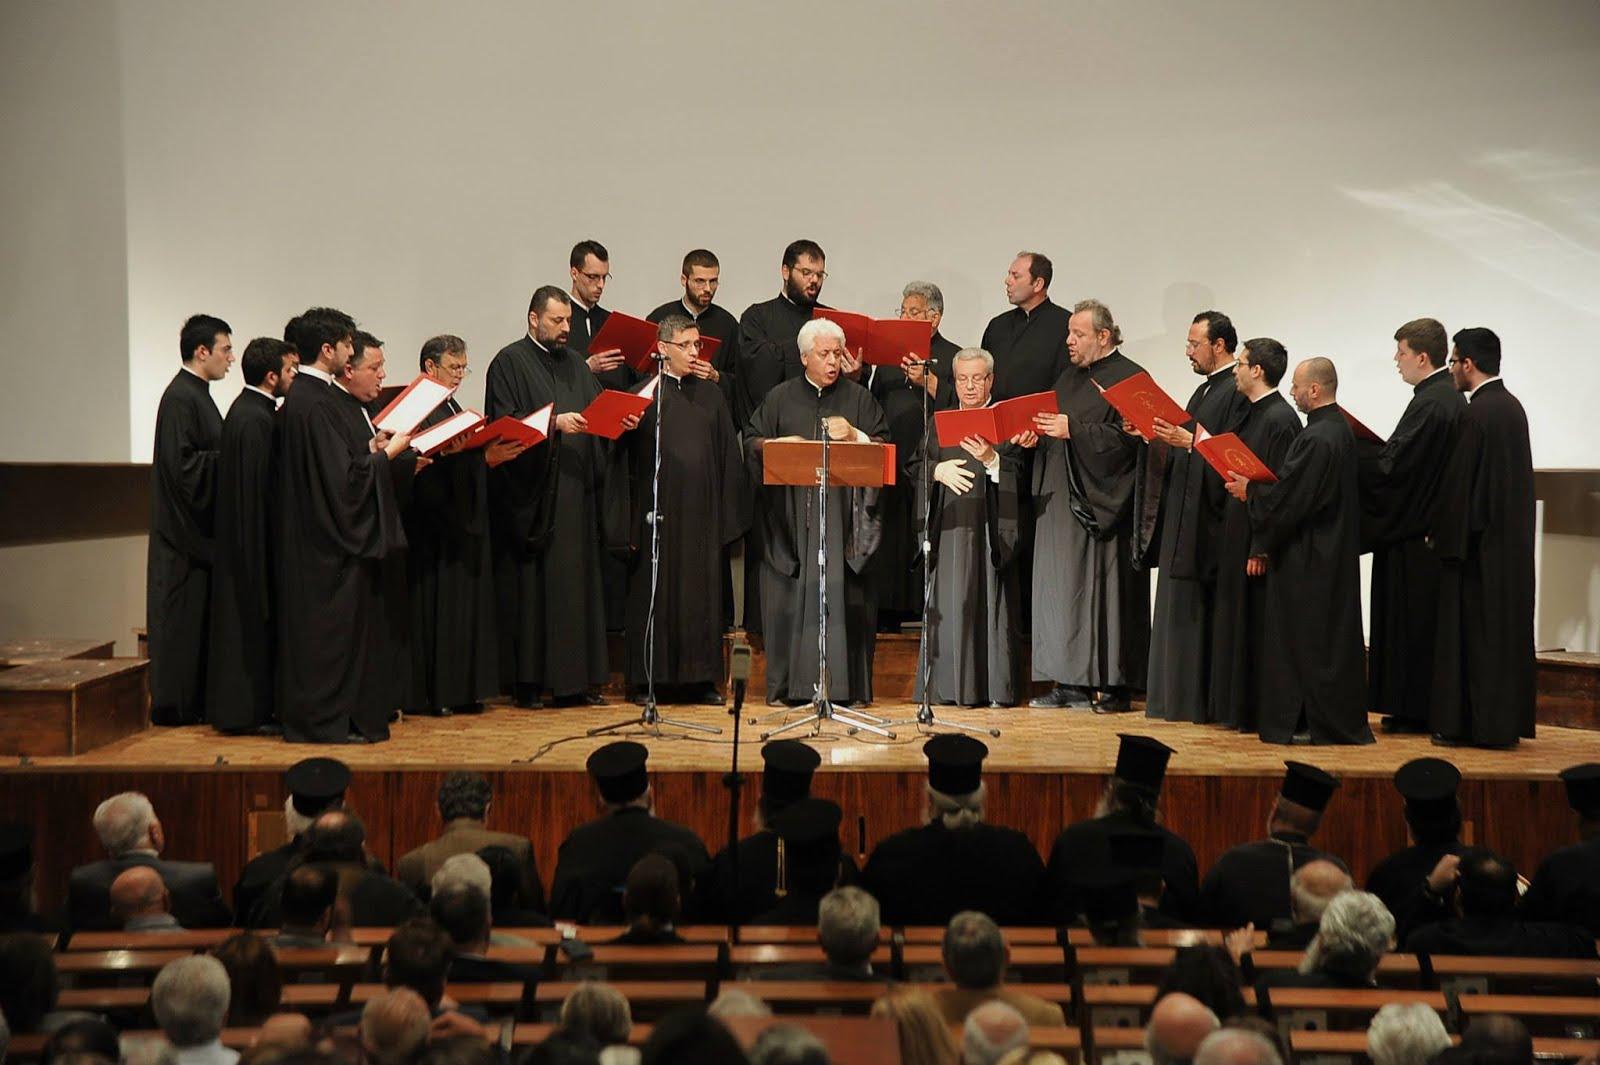 Η Ελληνική Βυζαντινή Χορωδία, με χοράρχη τον Γεώργιο Κωνσταντίνου